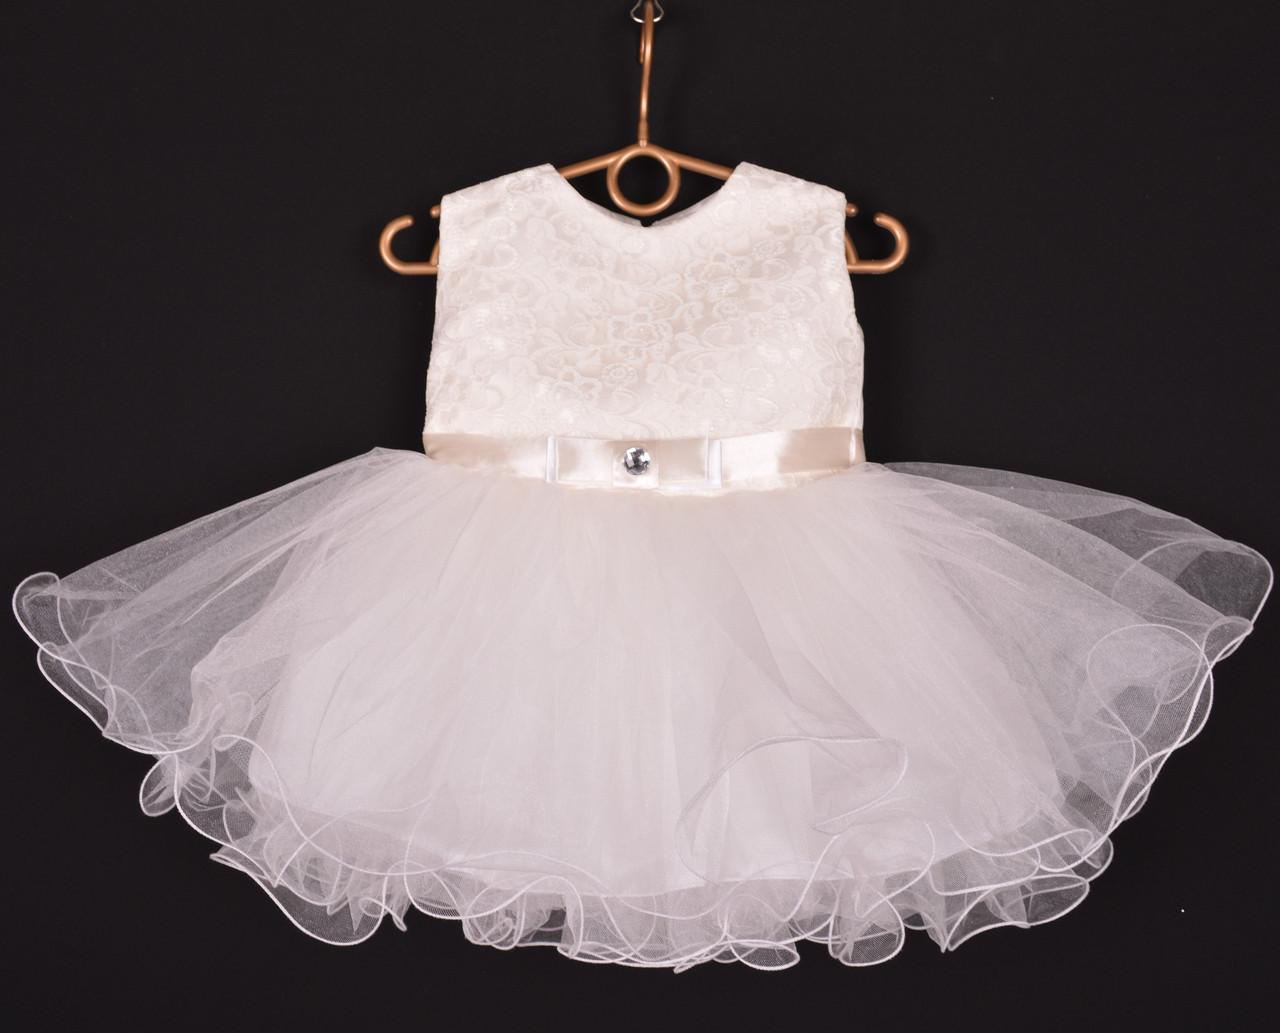 """Платье нарядное детское """"Лавандочка"""" без оборки до 1 года. Молочное. Купить оптом и в розницу"""